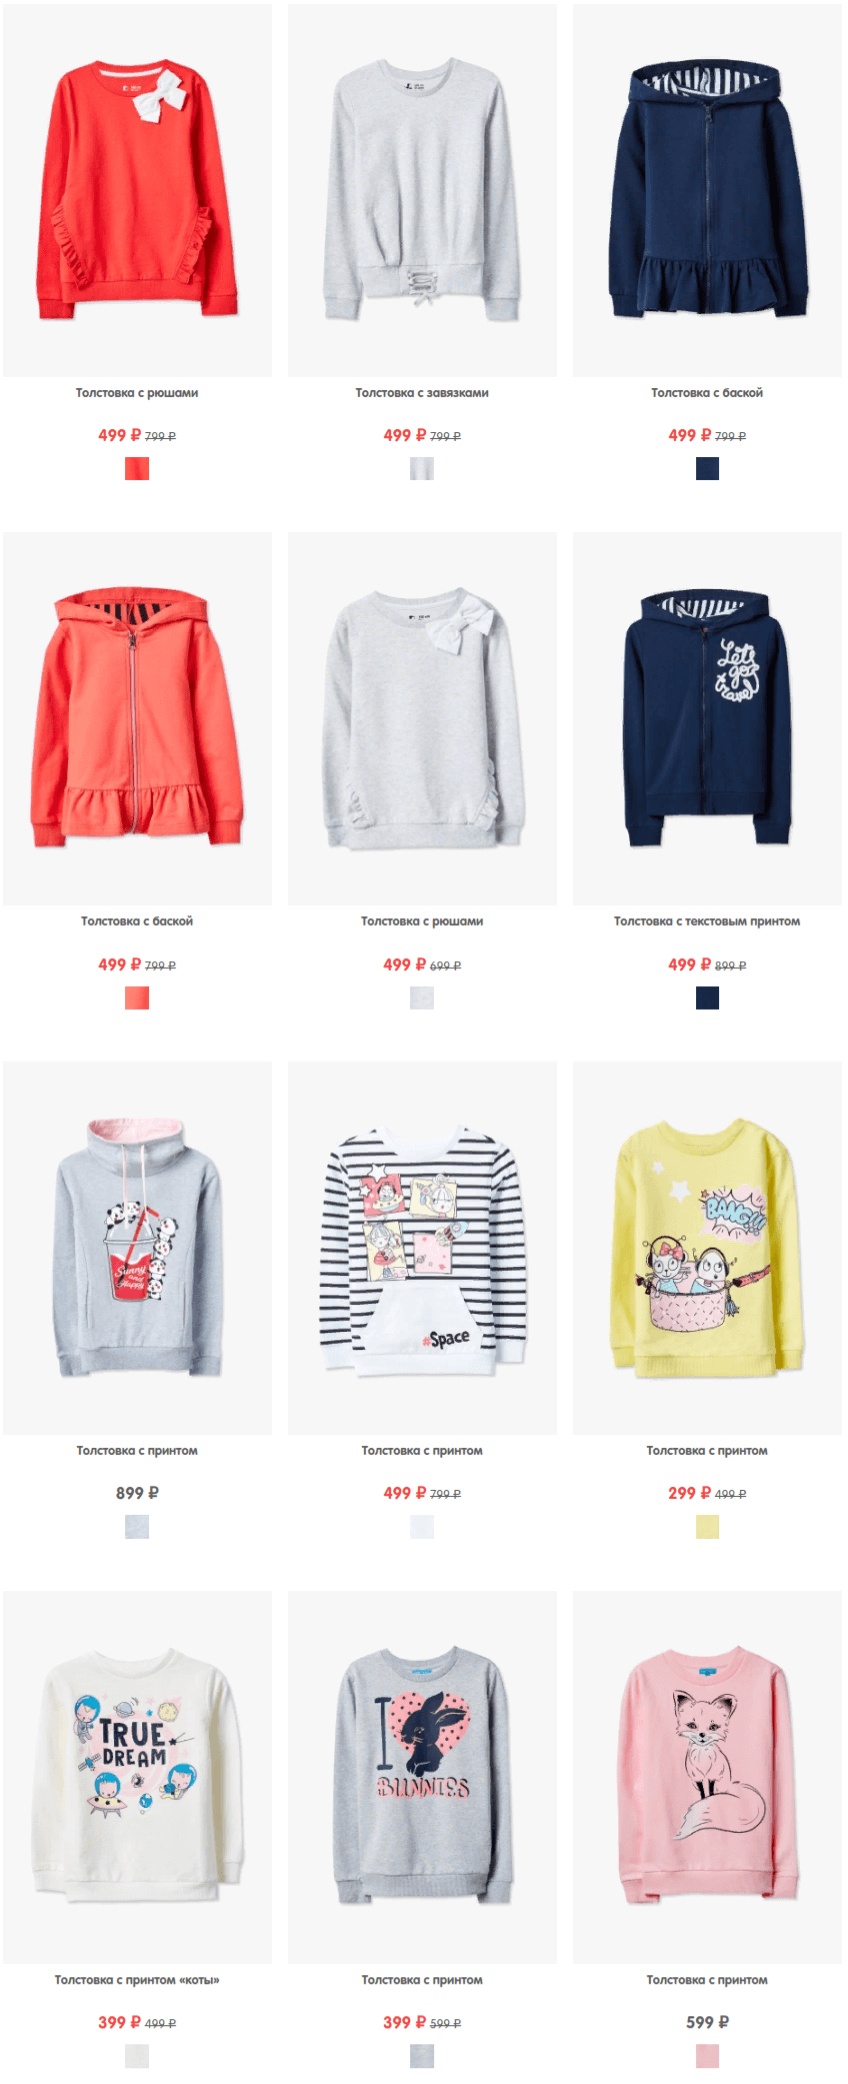 Толстовки для девочек в интернет-магазине одежды фандэй